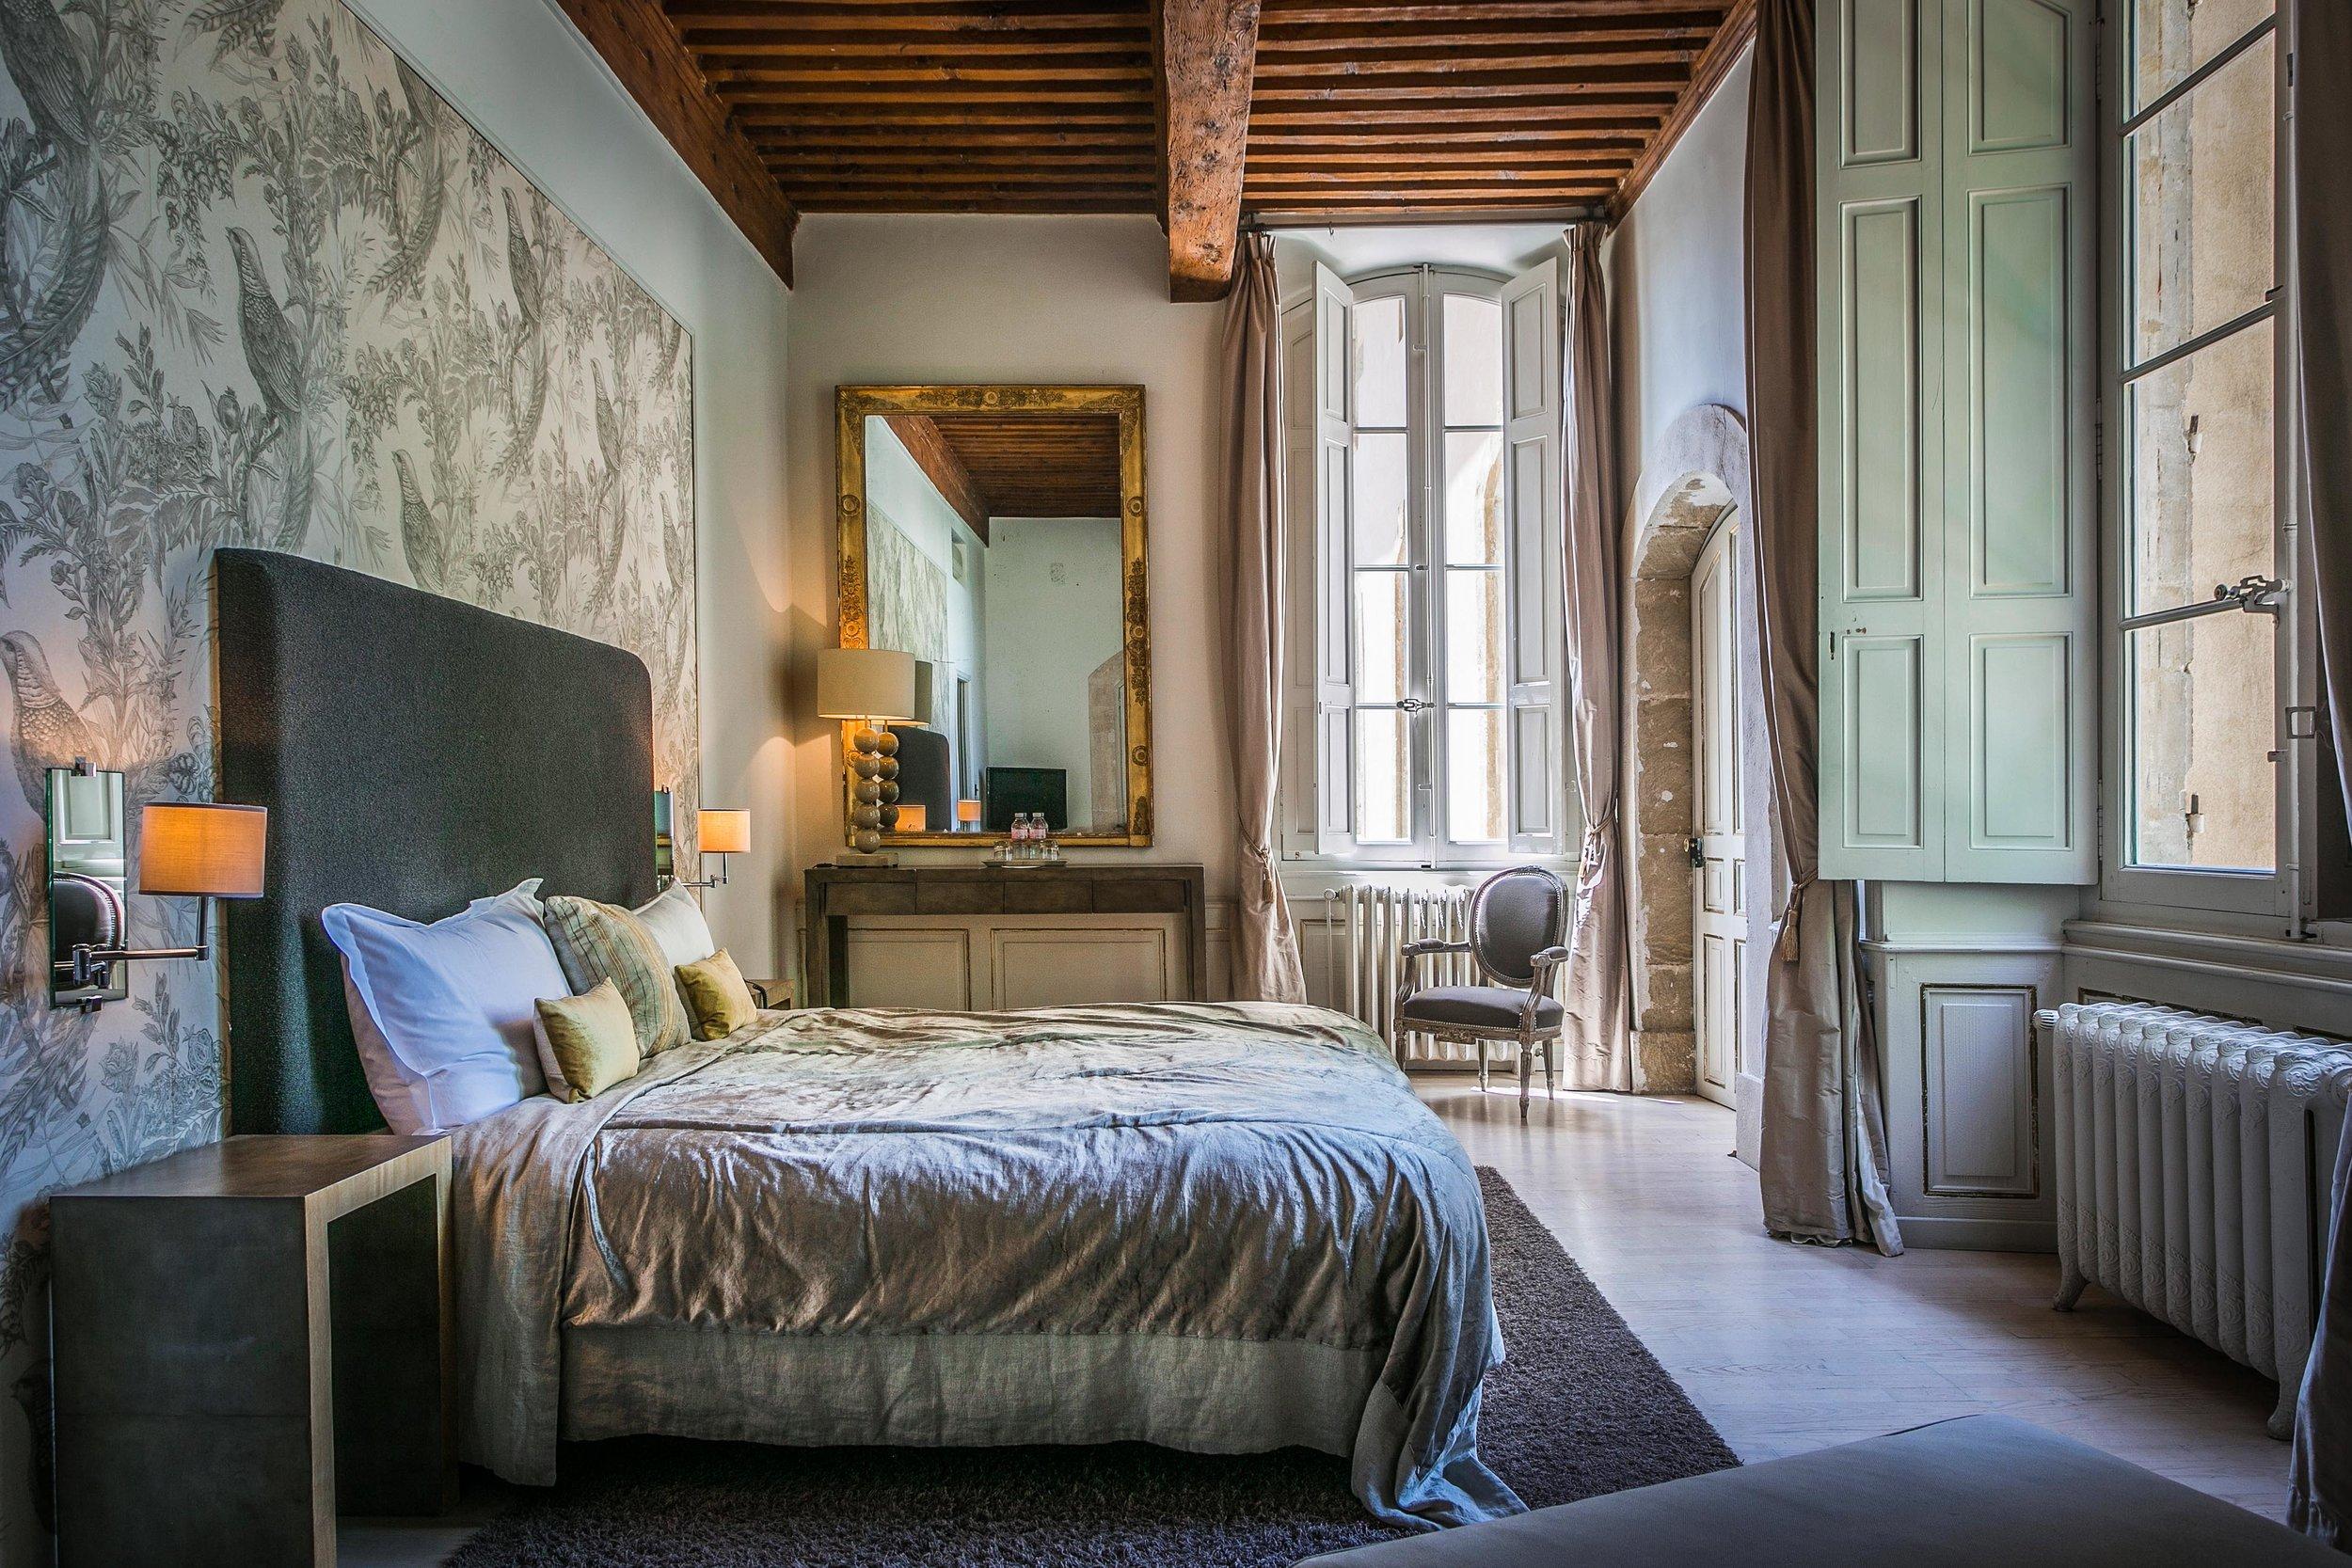 Kamer - idyllische - château de massillan - Reizen met kinderen - Slapen in een kasteel